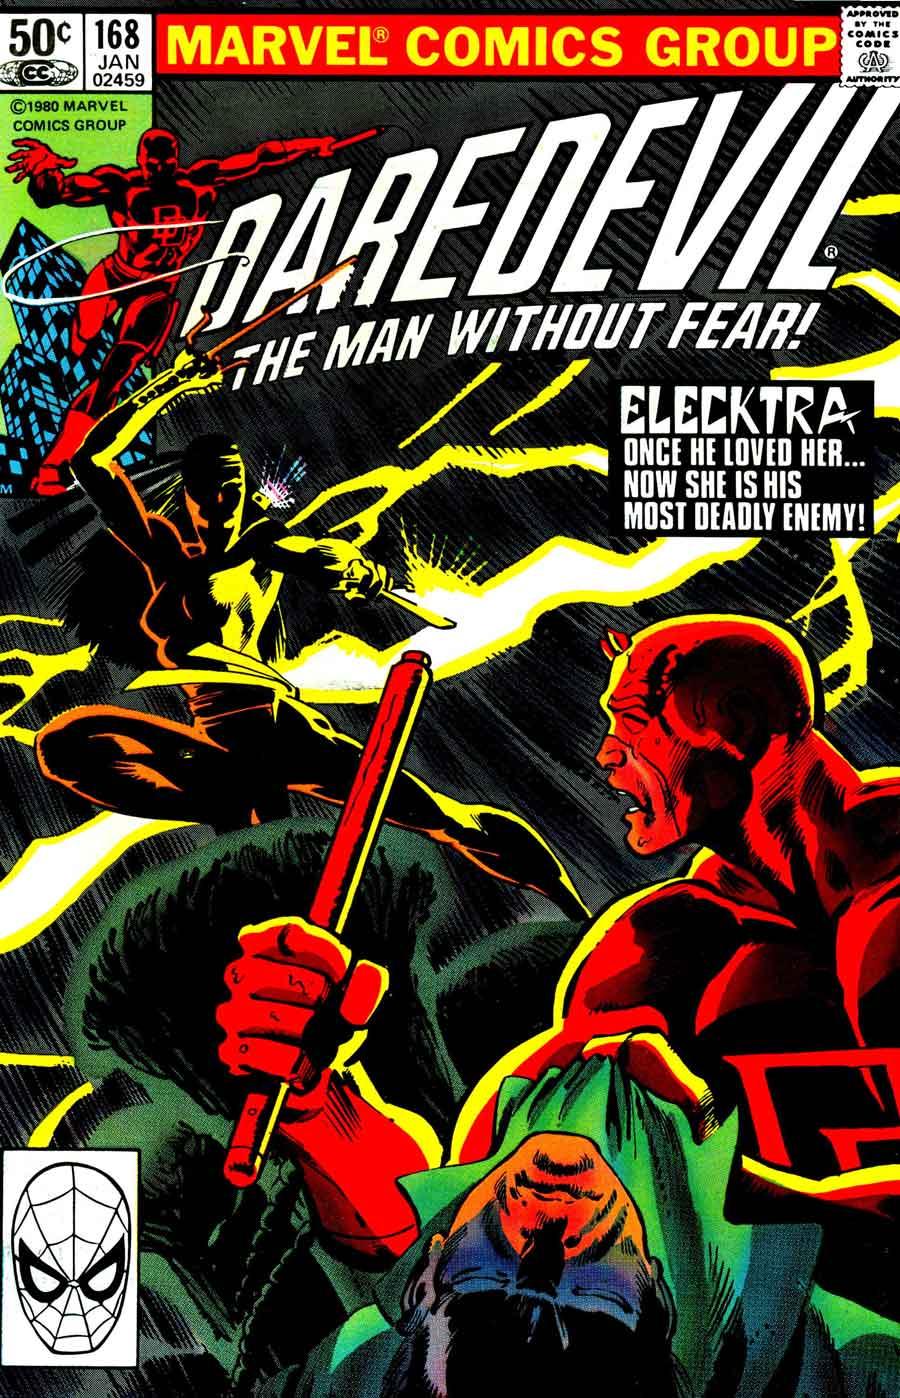 Daredevil v1 #168 elektra marvel comic book cover art by Frank Miller